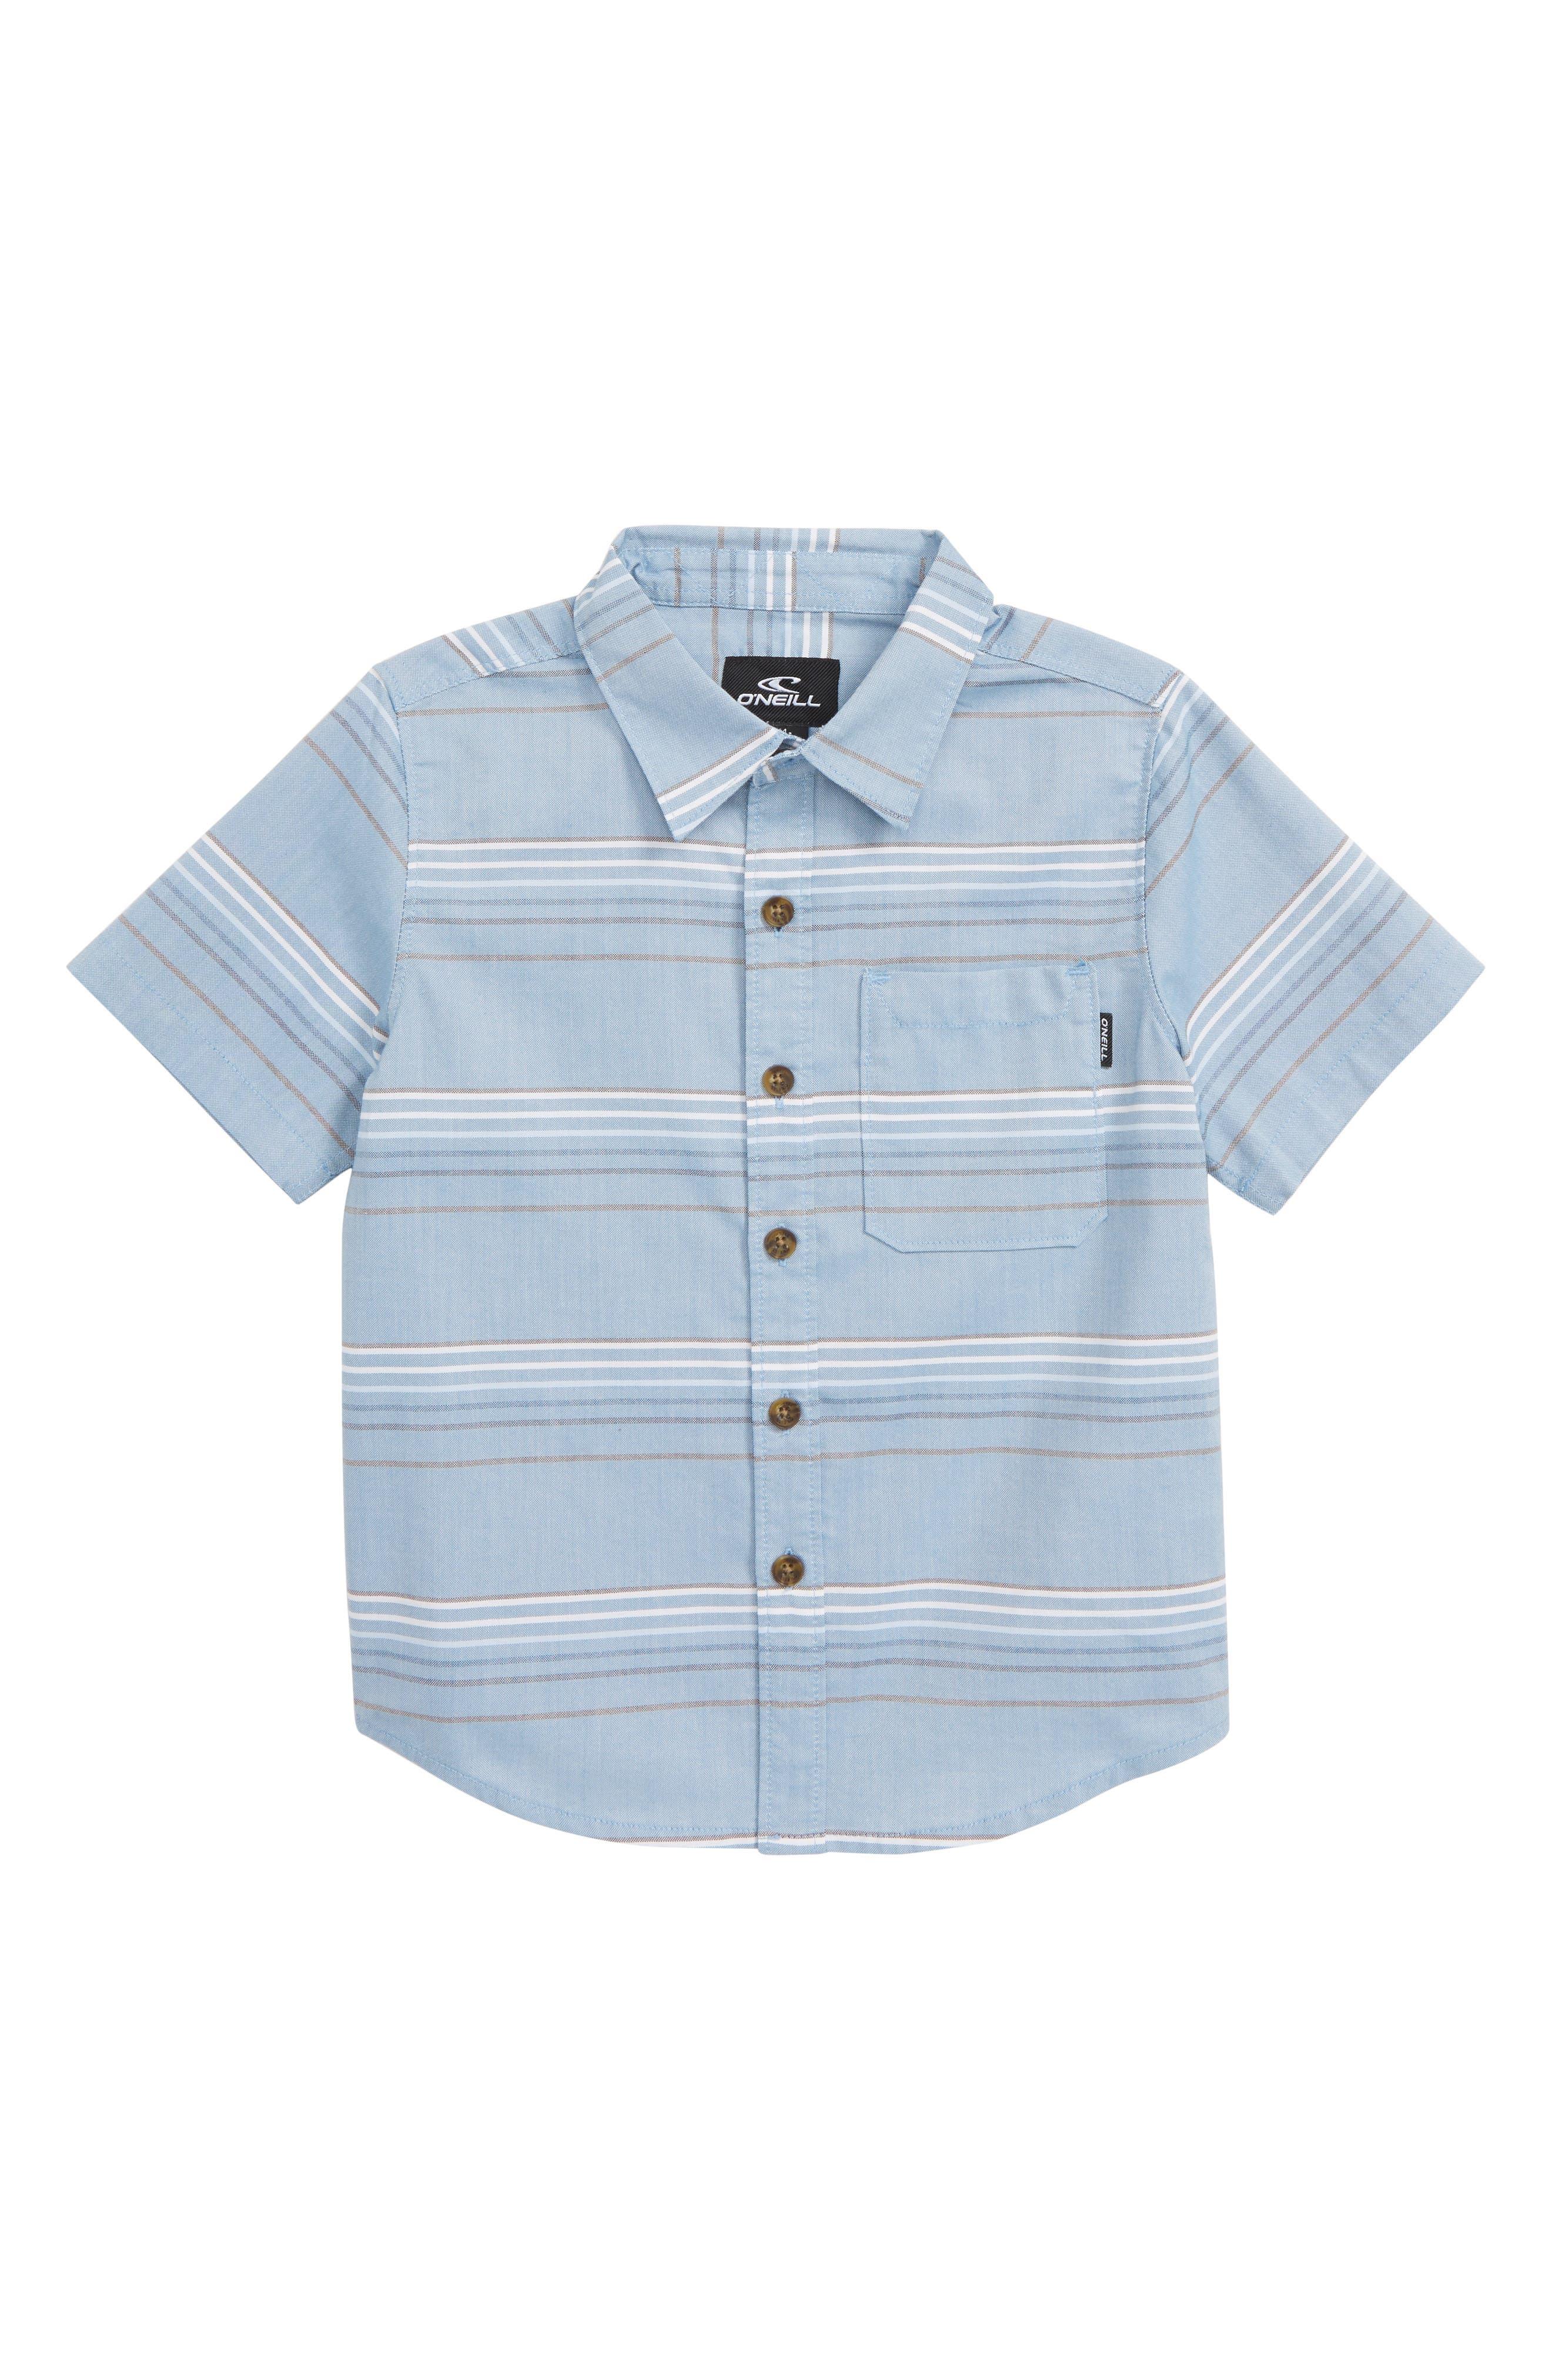 Boys ONeill Dexter Stripe Woven Shirt Size S (4)  Blue